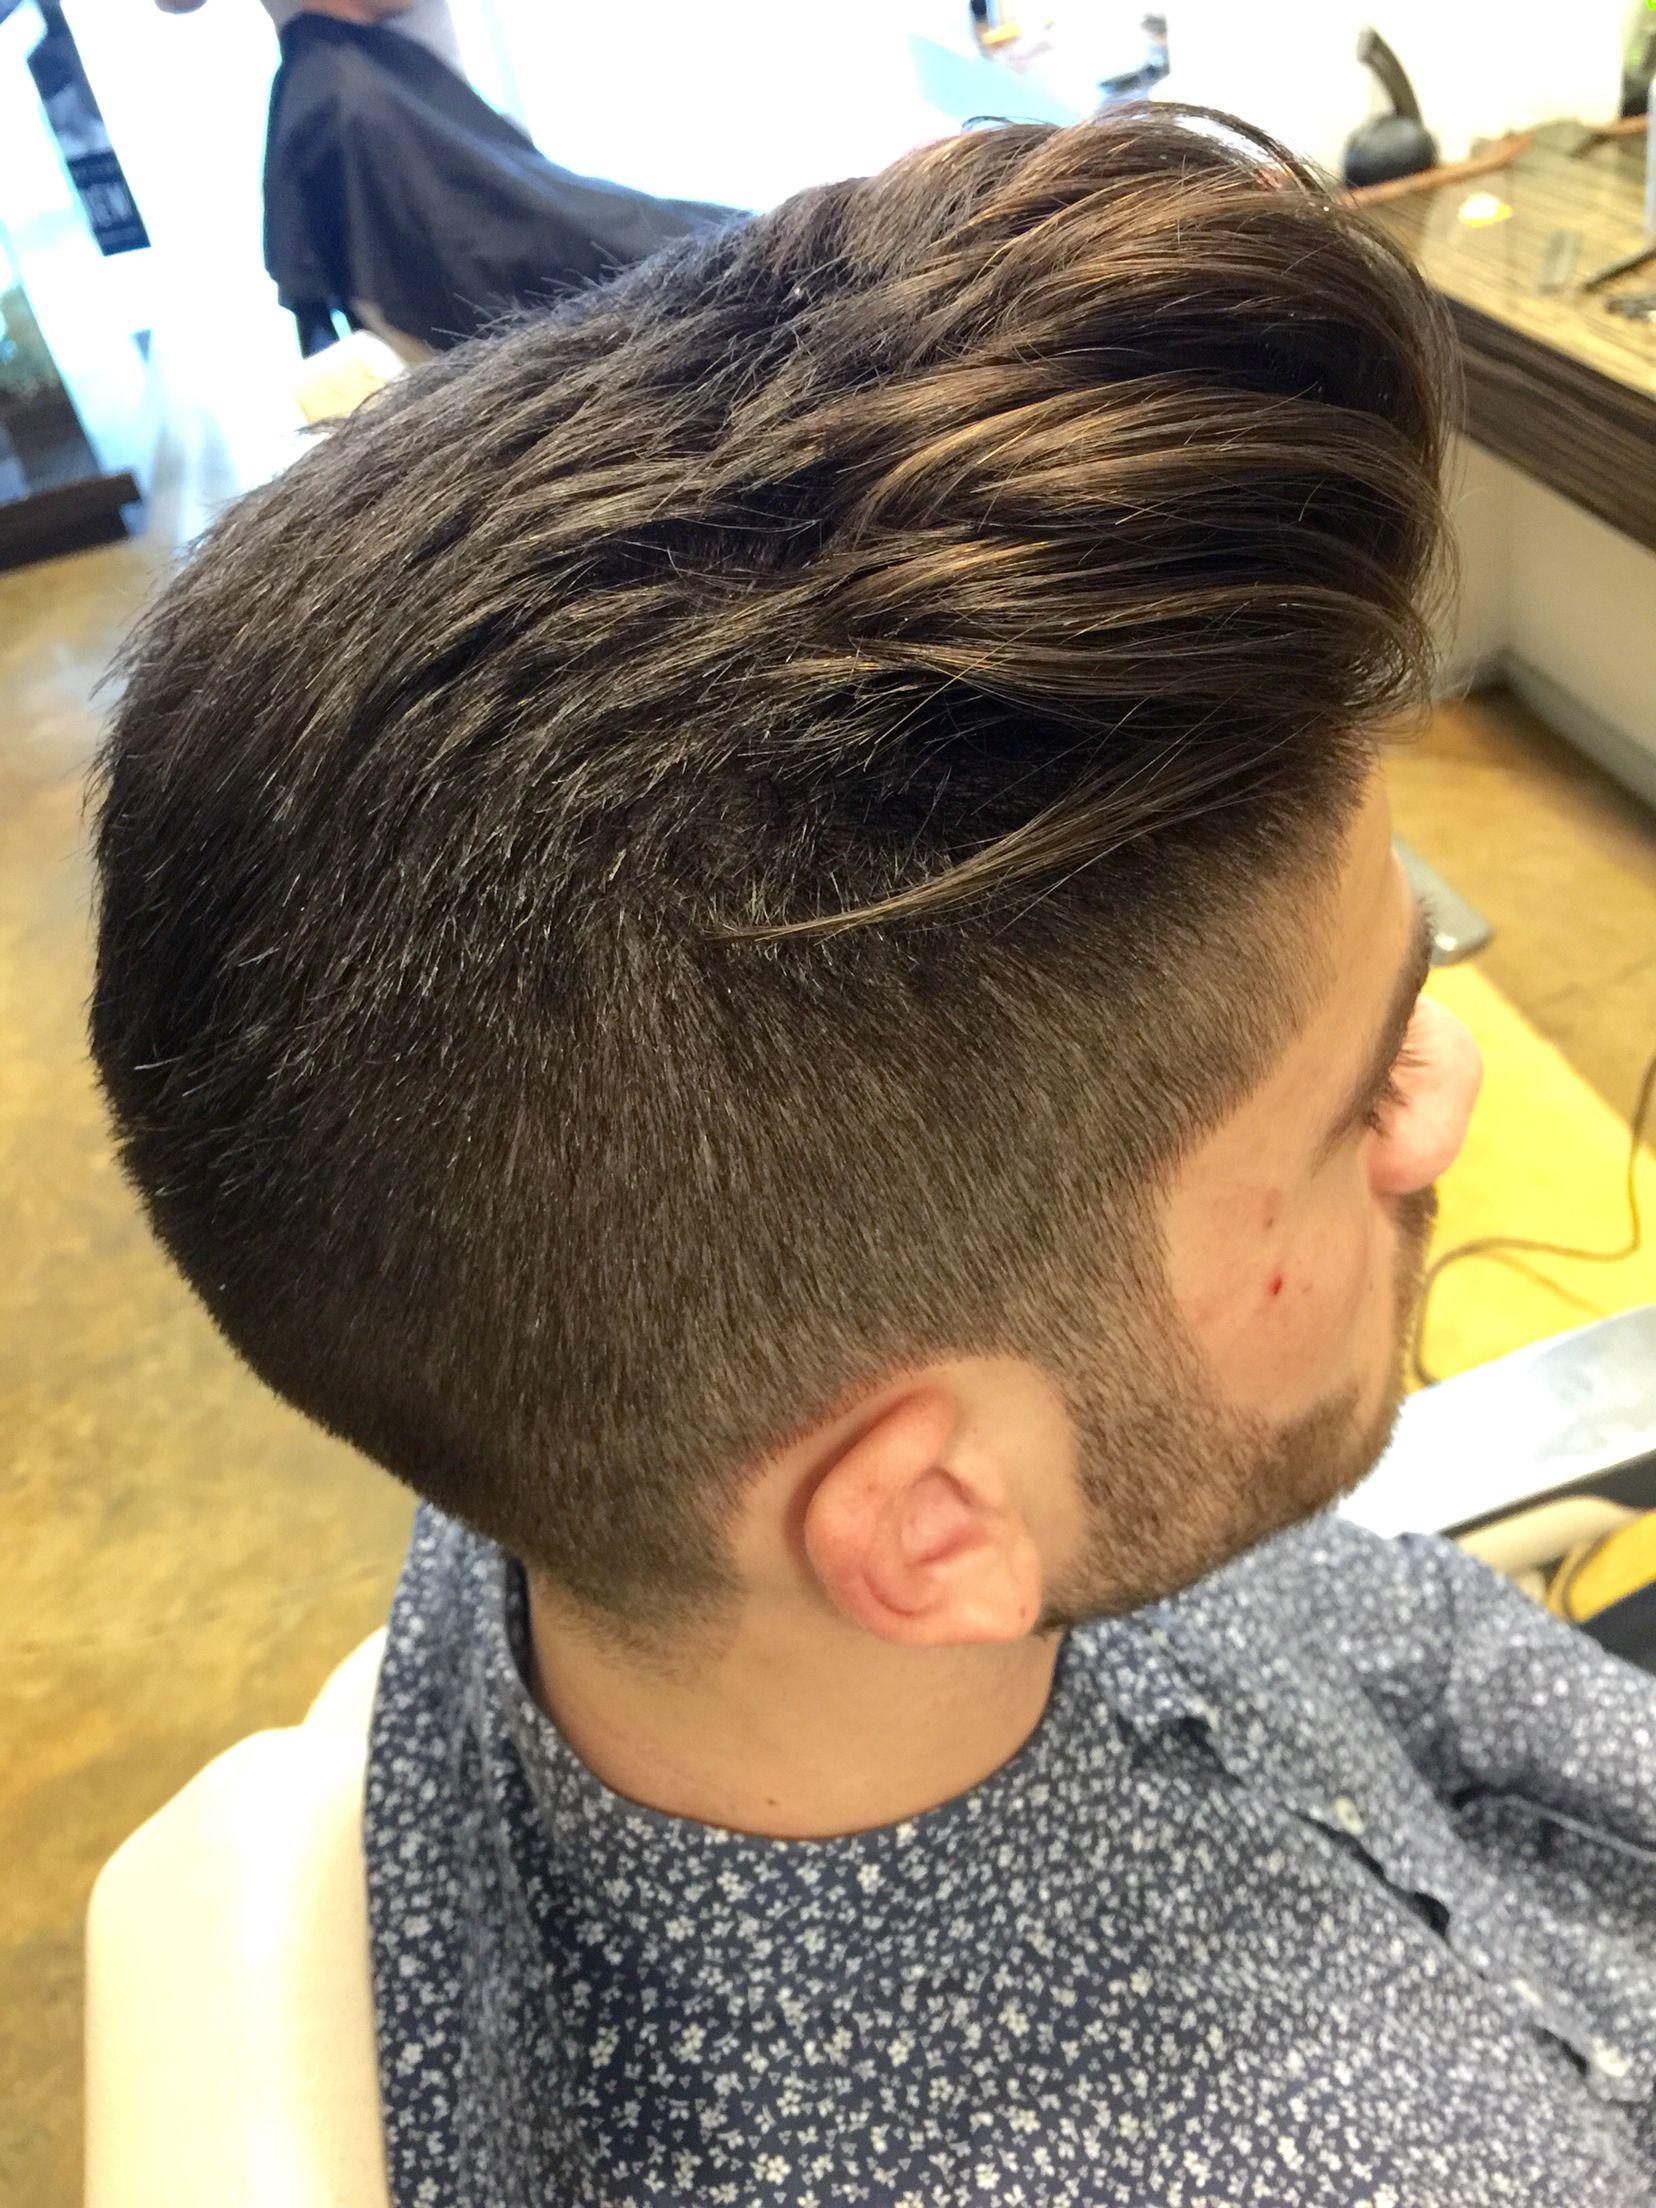 Boy haircuts black hair trabajo realizado por el equipo abelpelukeros elche barbershop